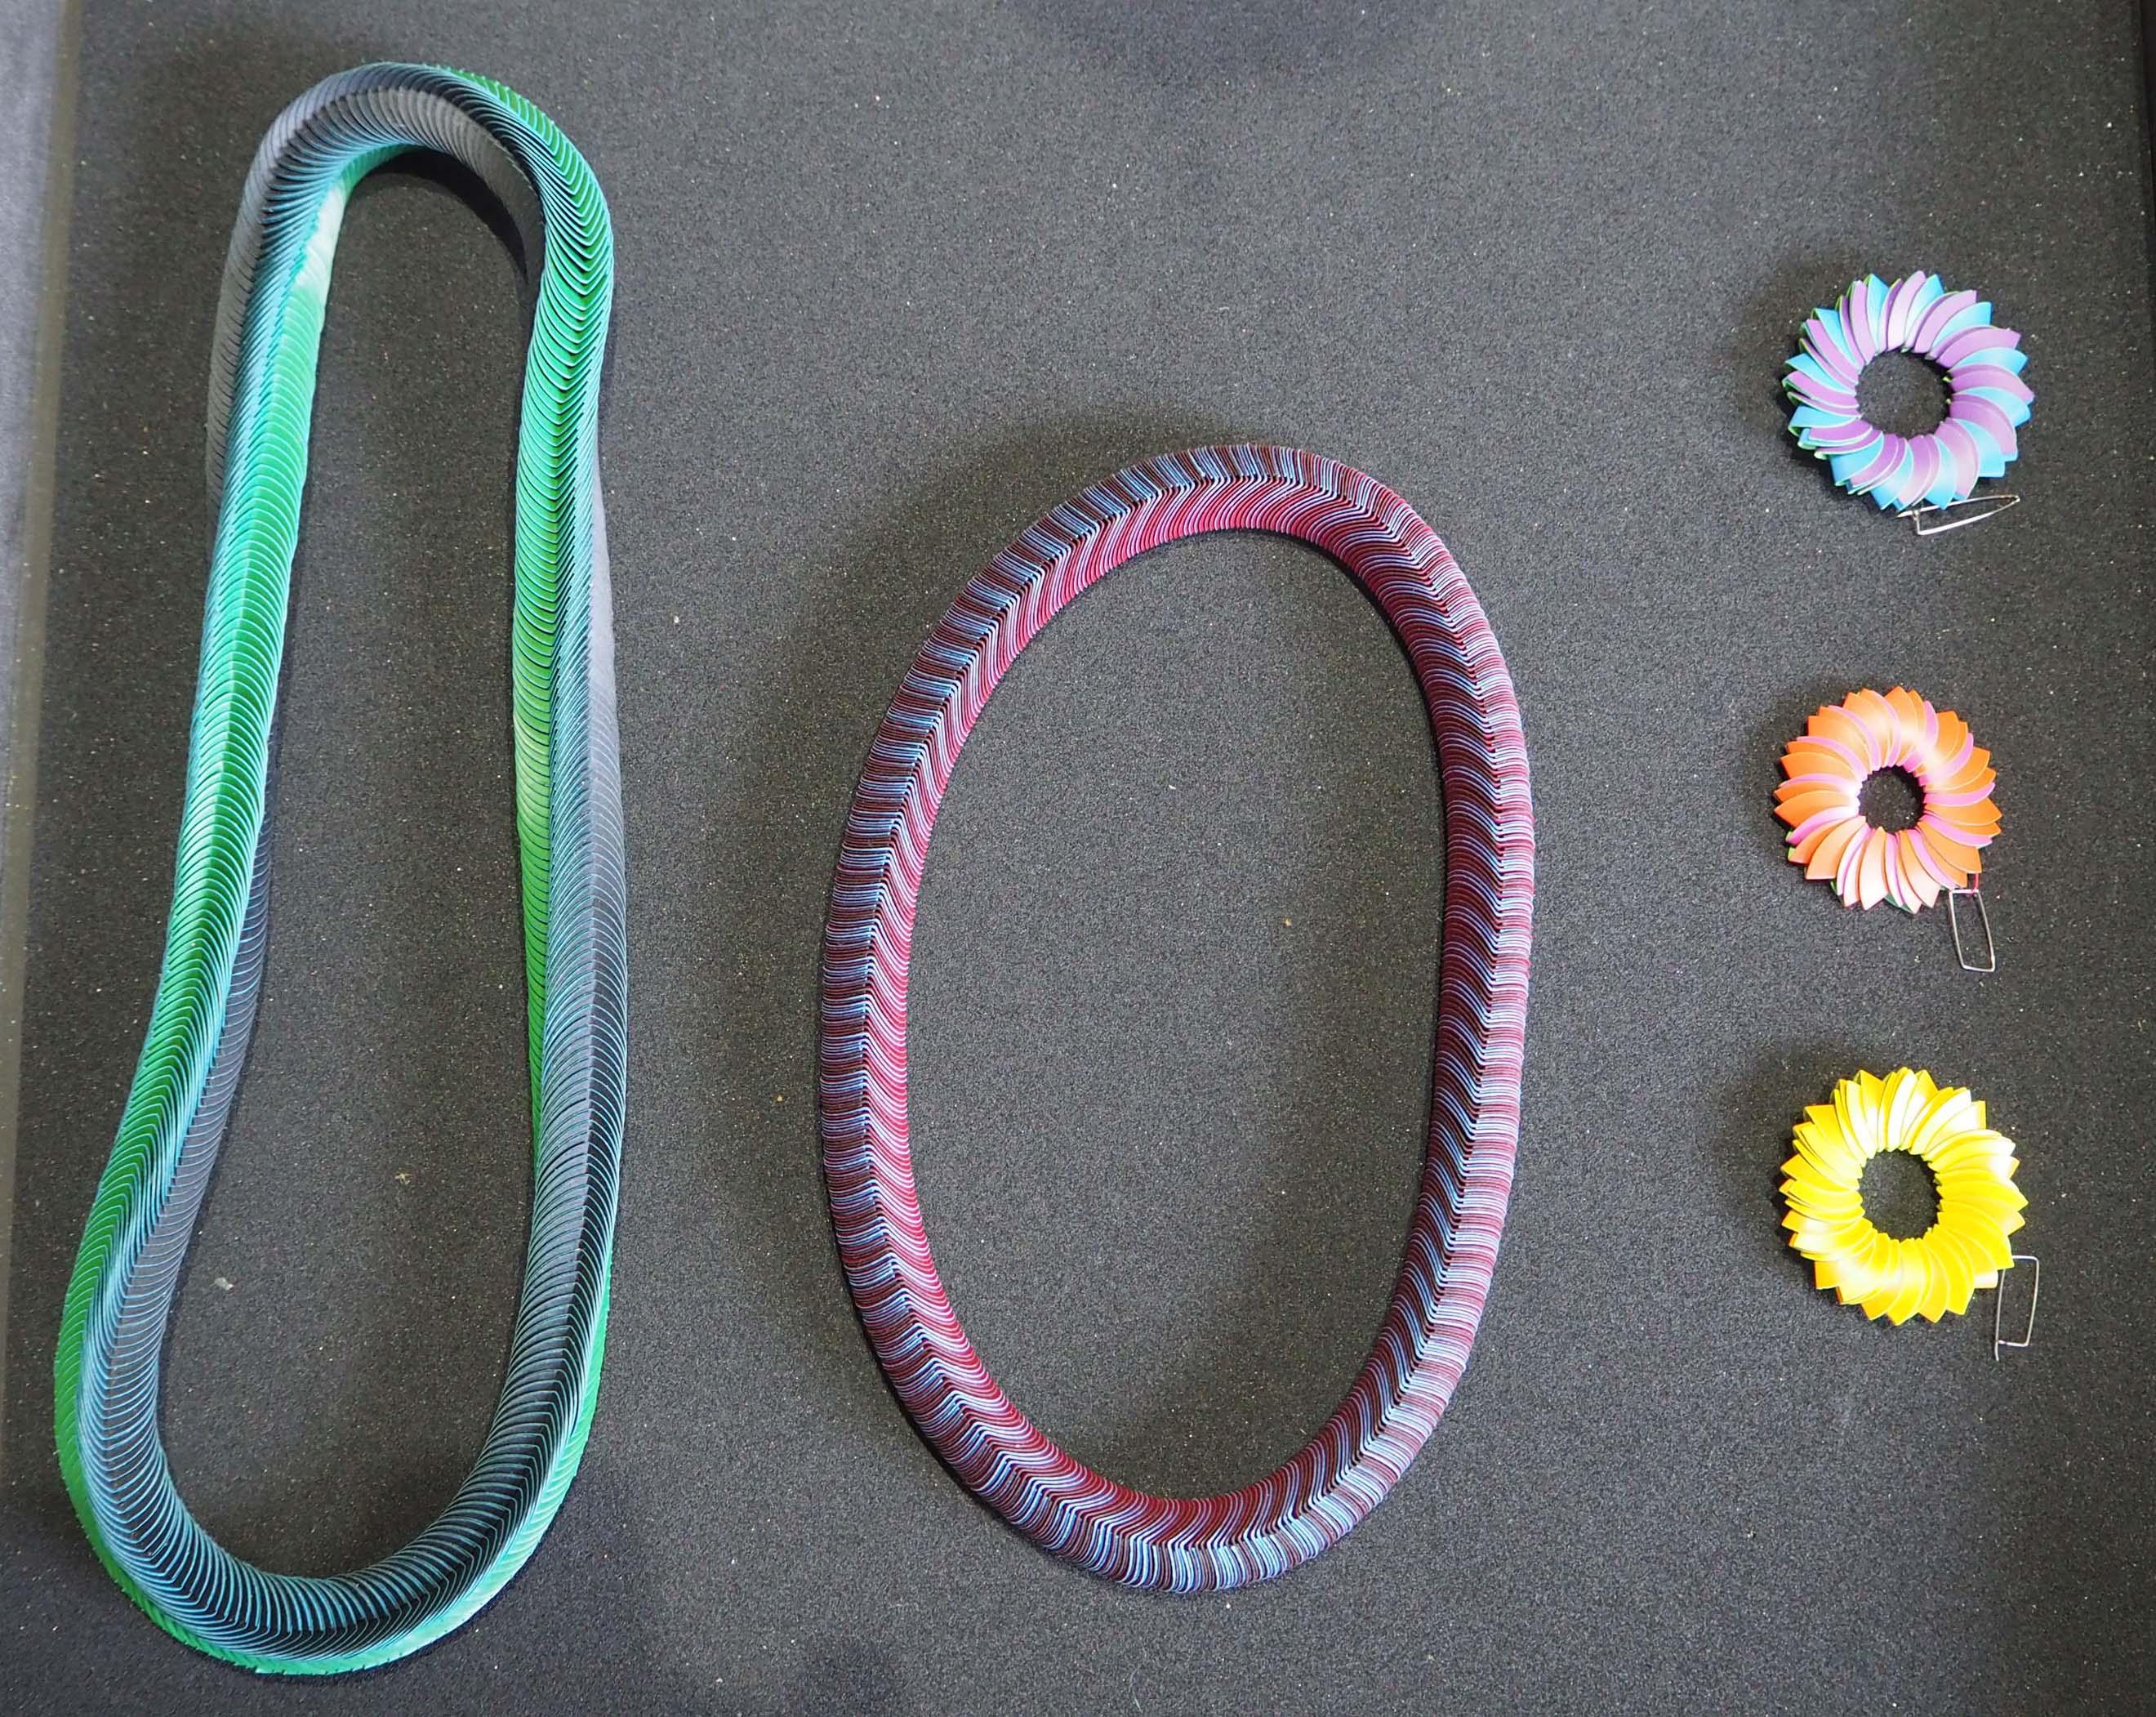 Galerie Marzee heeft werk van sieradenontwerpster Nel Linssen © Wilma Lankhorst